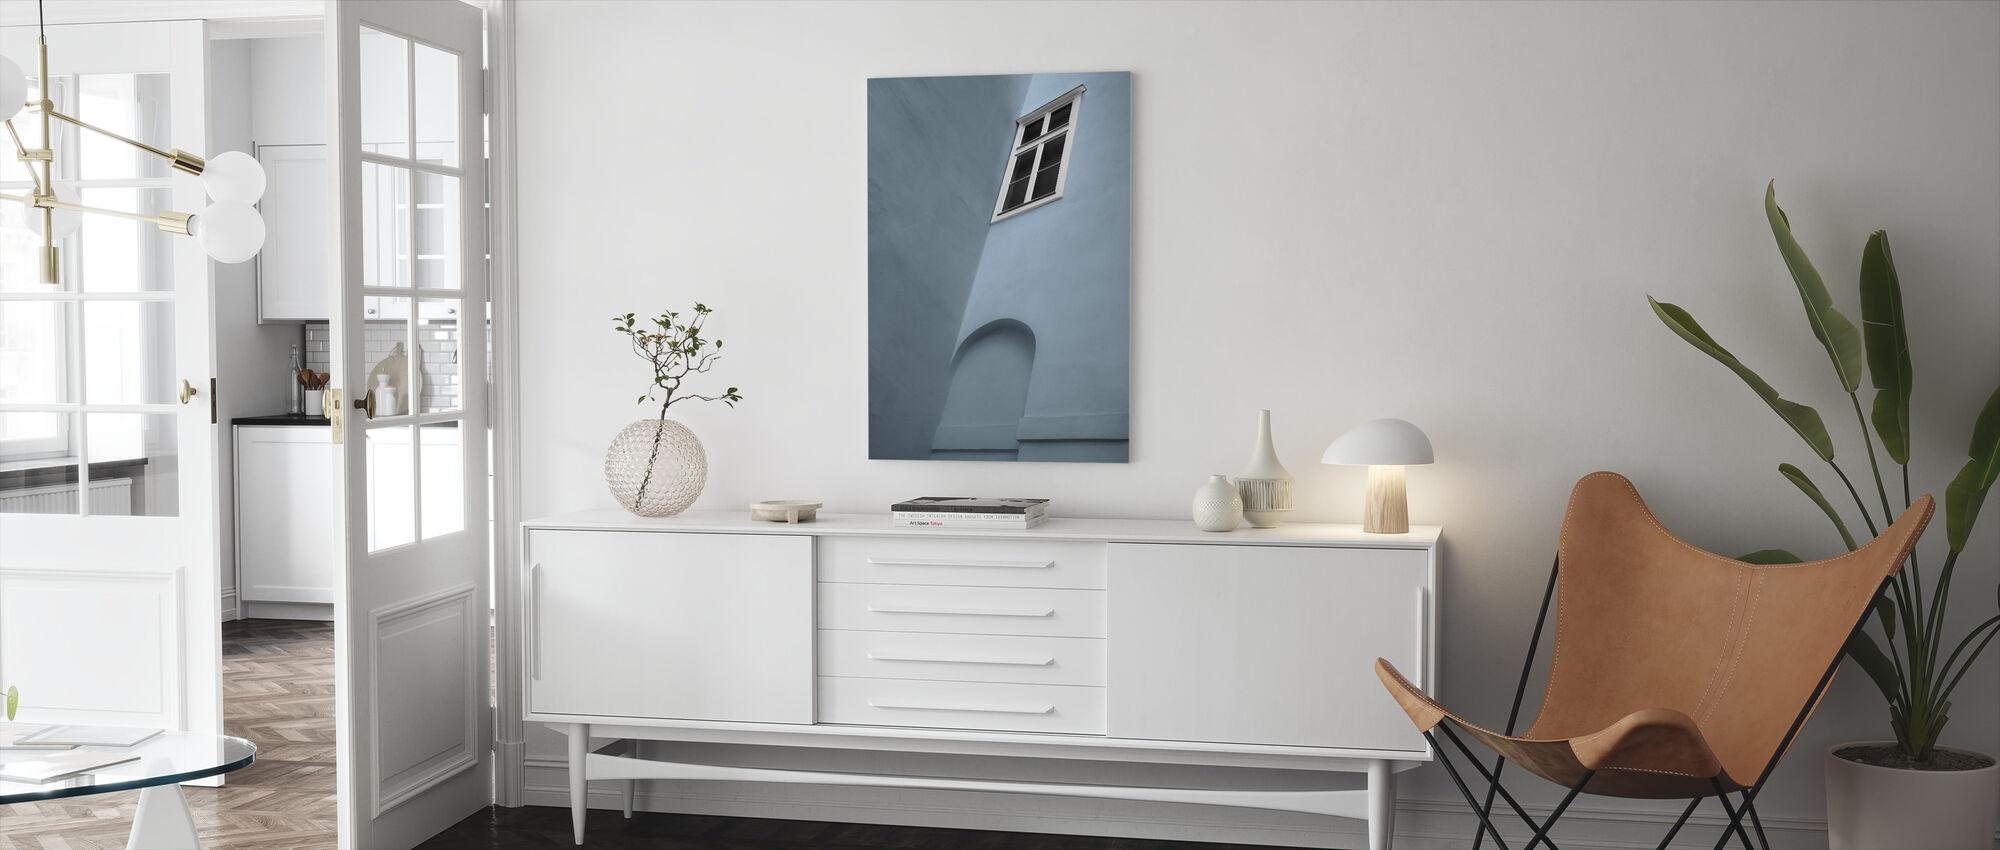 Valkoinen ikkuna - Canvastaulu - Olohuone